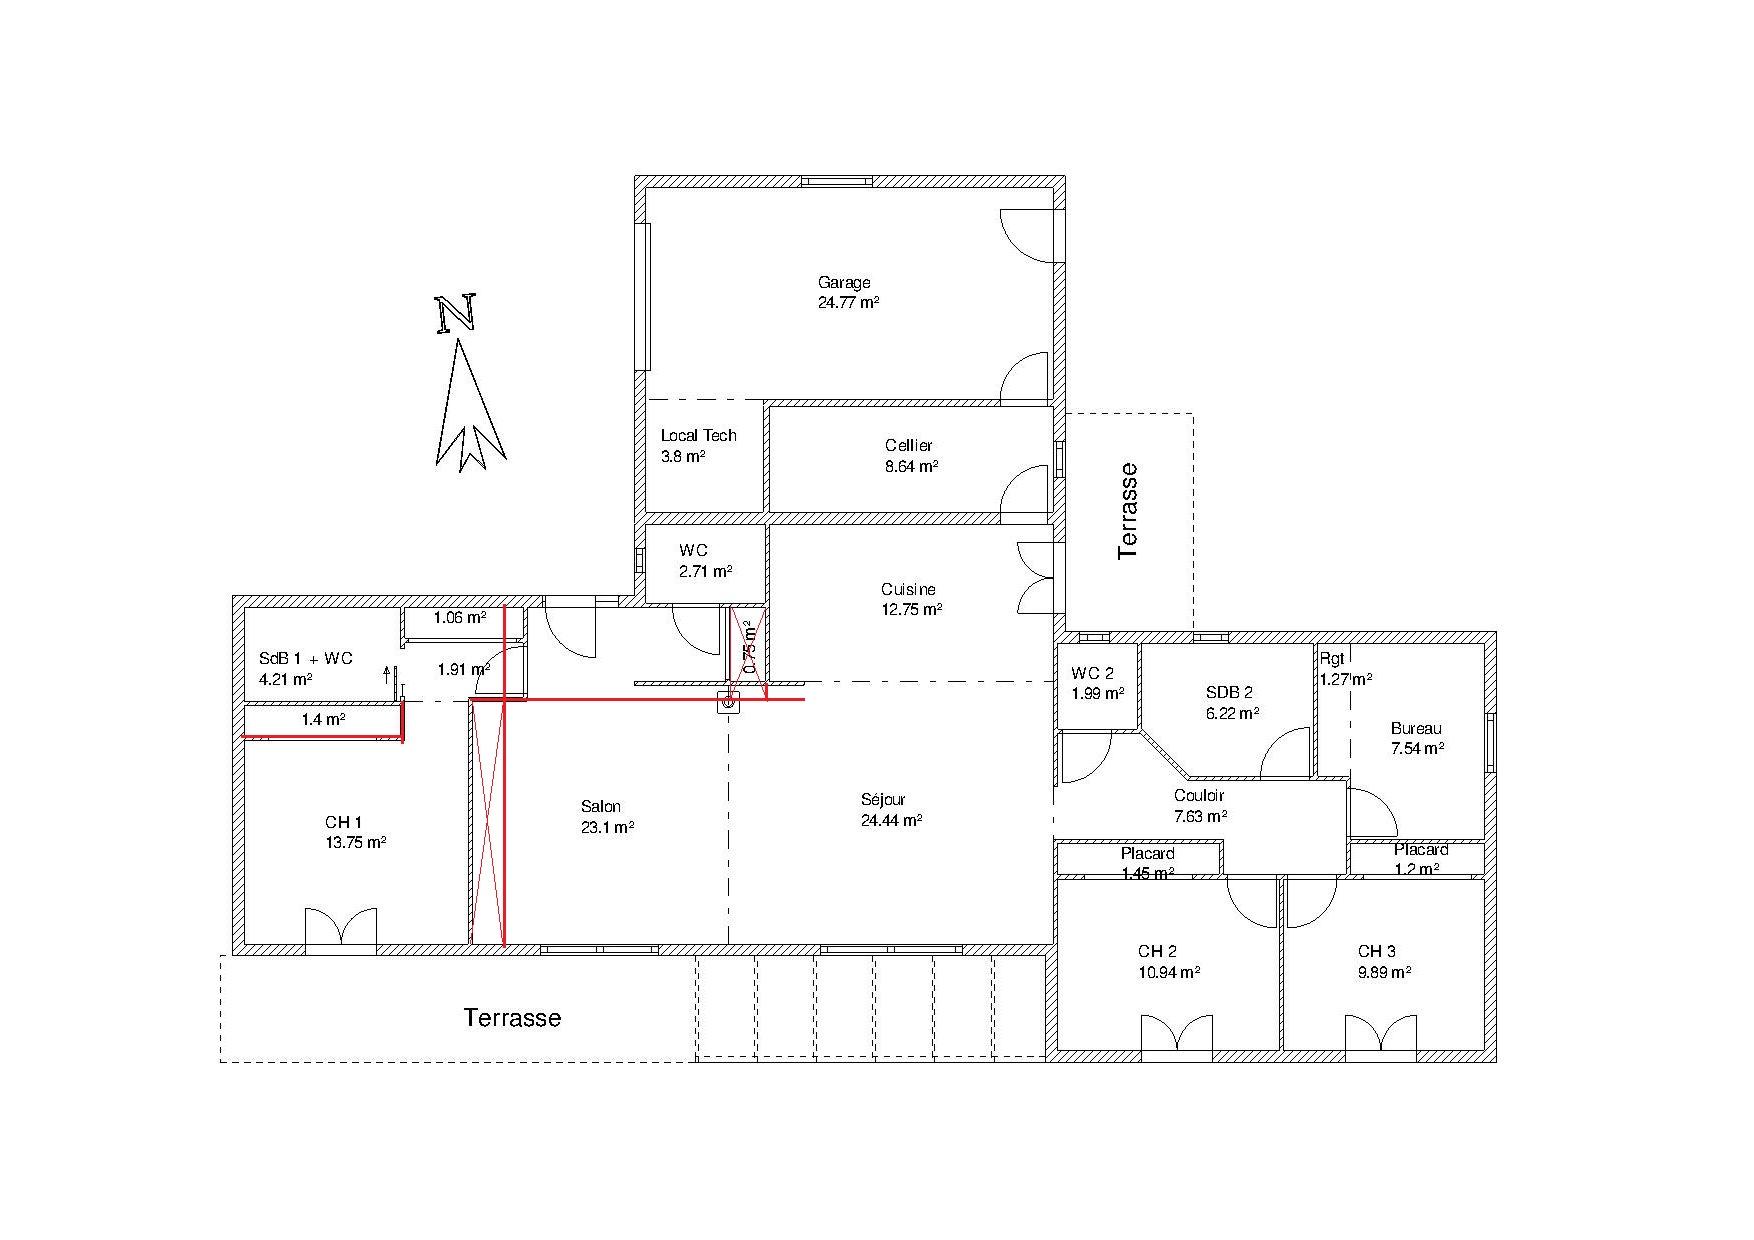 Besoin d 39 avis pour plan de maison environ 140 m2 nouveau for Plan maison moderne 140m2